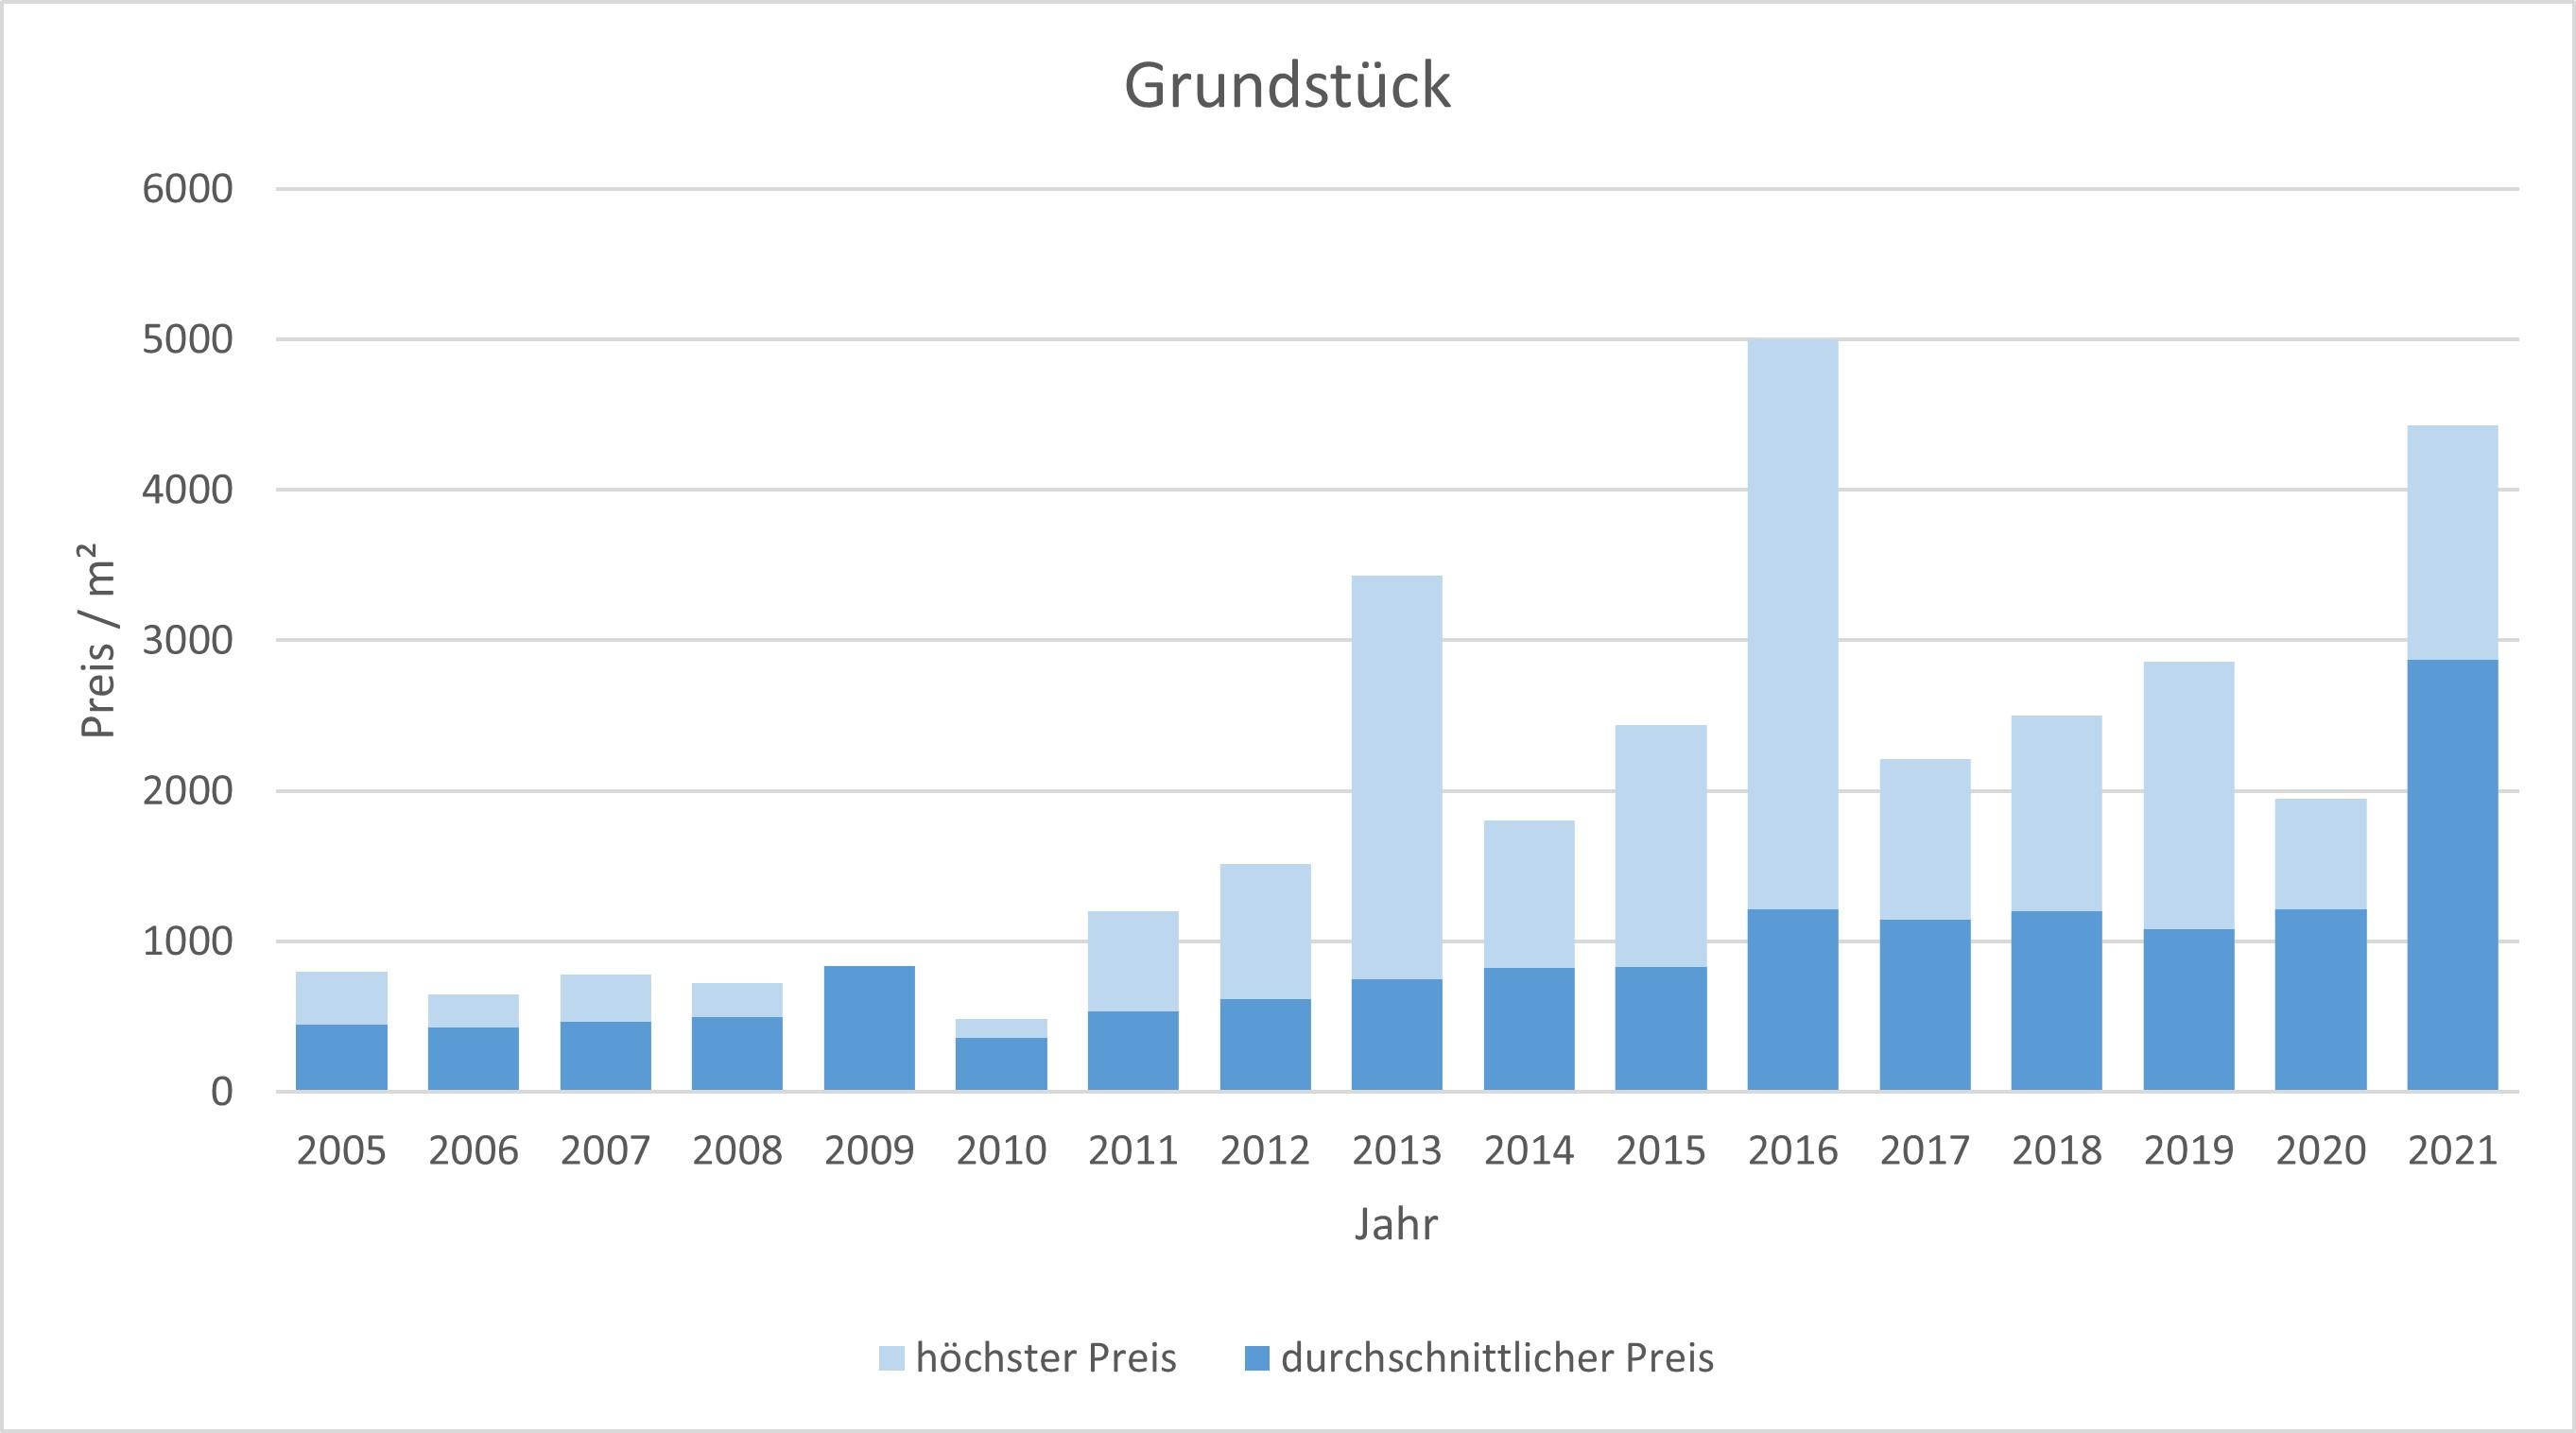 Berg am Starnberger See Grundstück kaufen verkaufen 2019, 2020, 2021 preis bewertung makler www.happy-immo.de